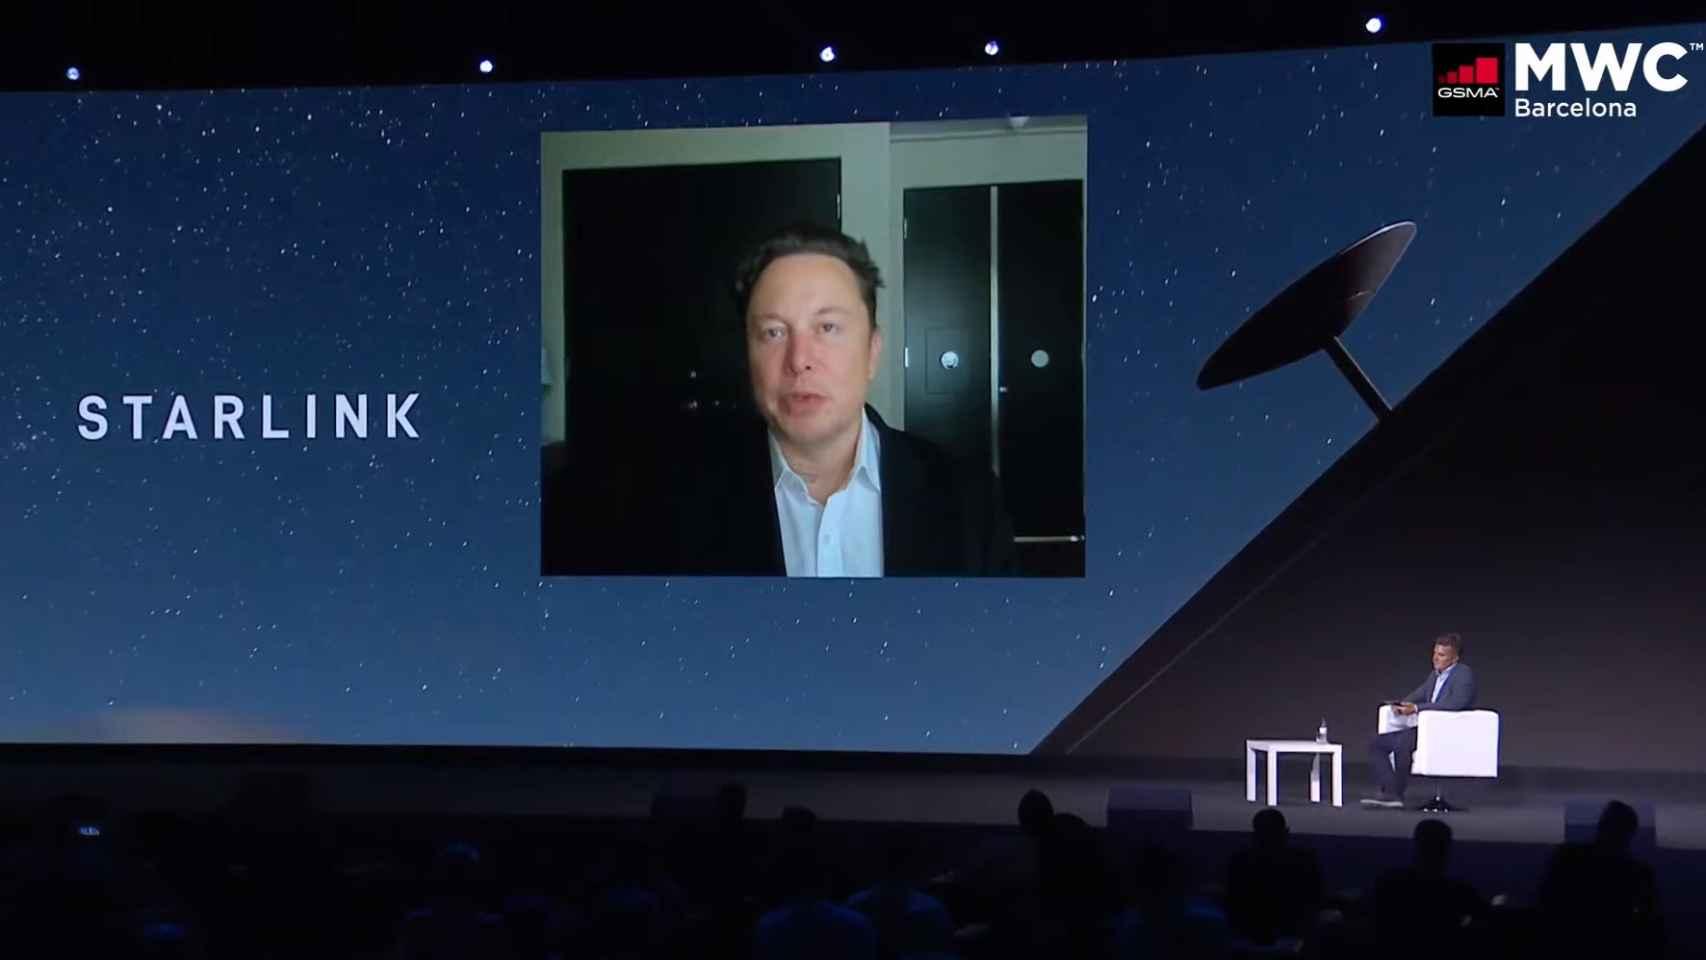 Elon Musk hablando sobre Starlink en MWC 2021